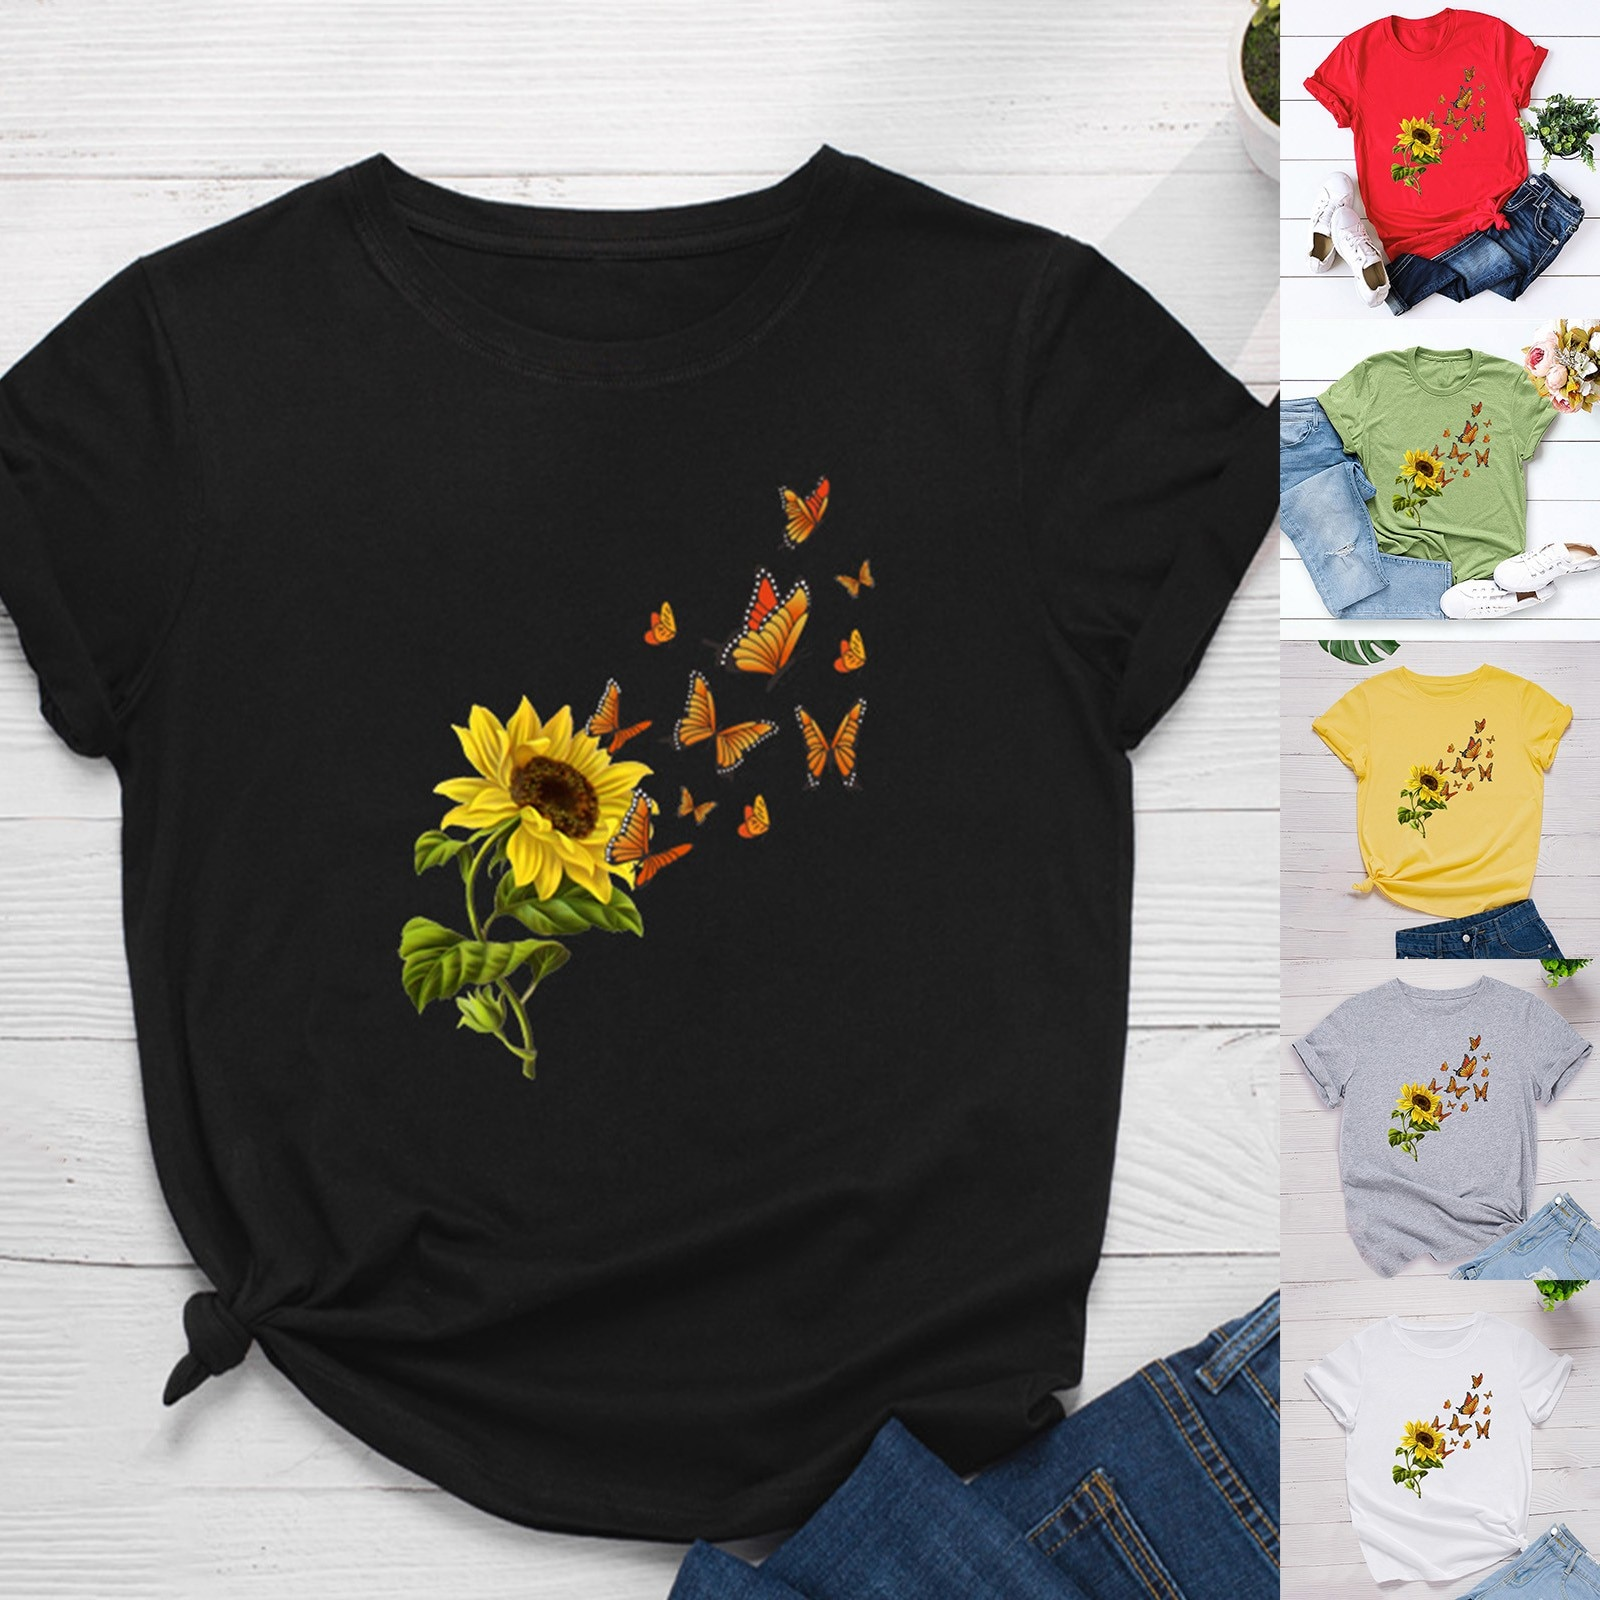 Camiseta de manga corta con estampado de mariposa para mujer, Tops con...